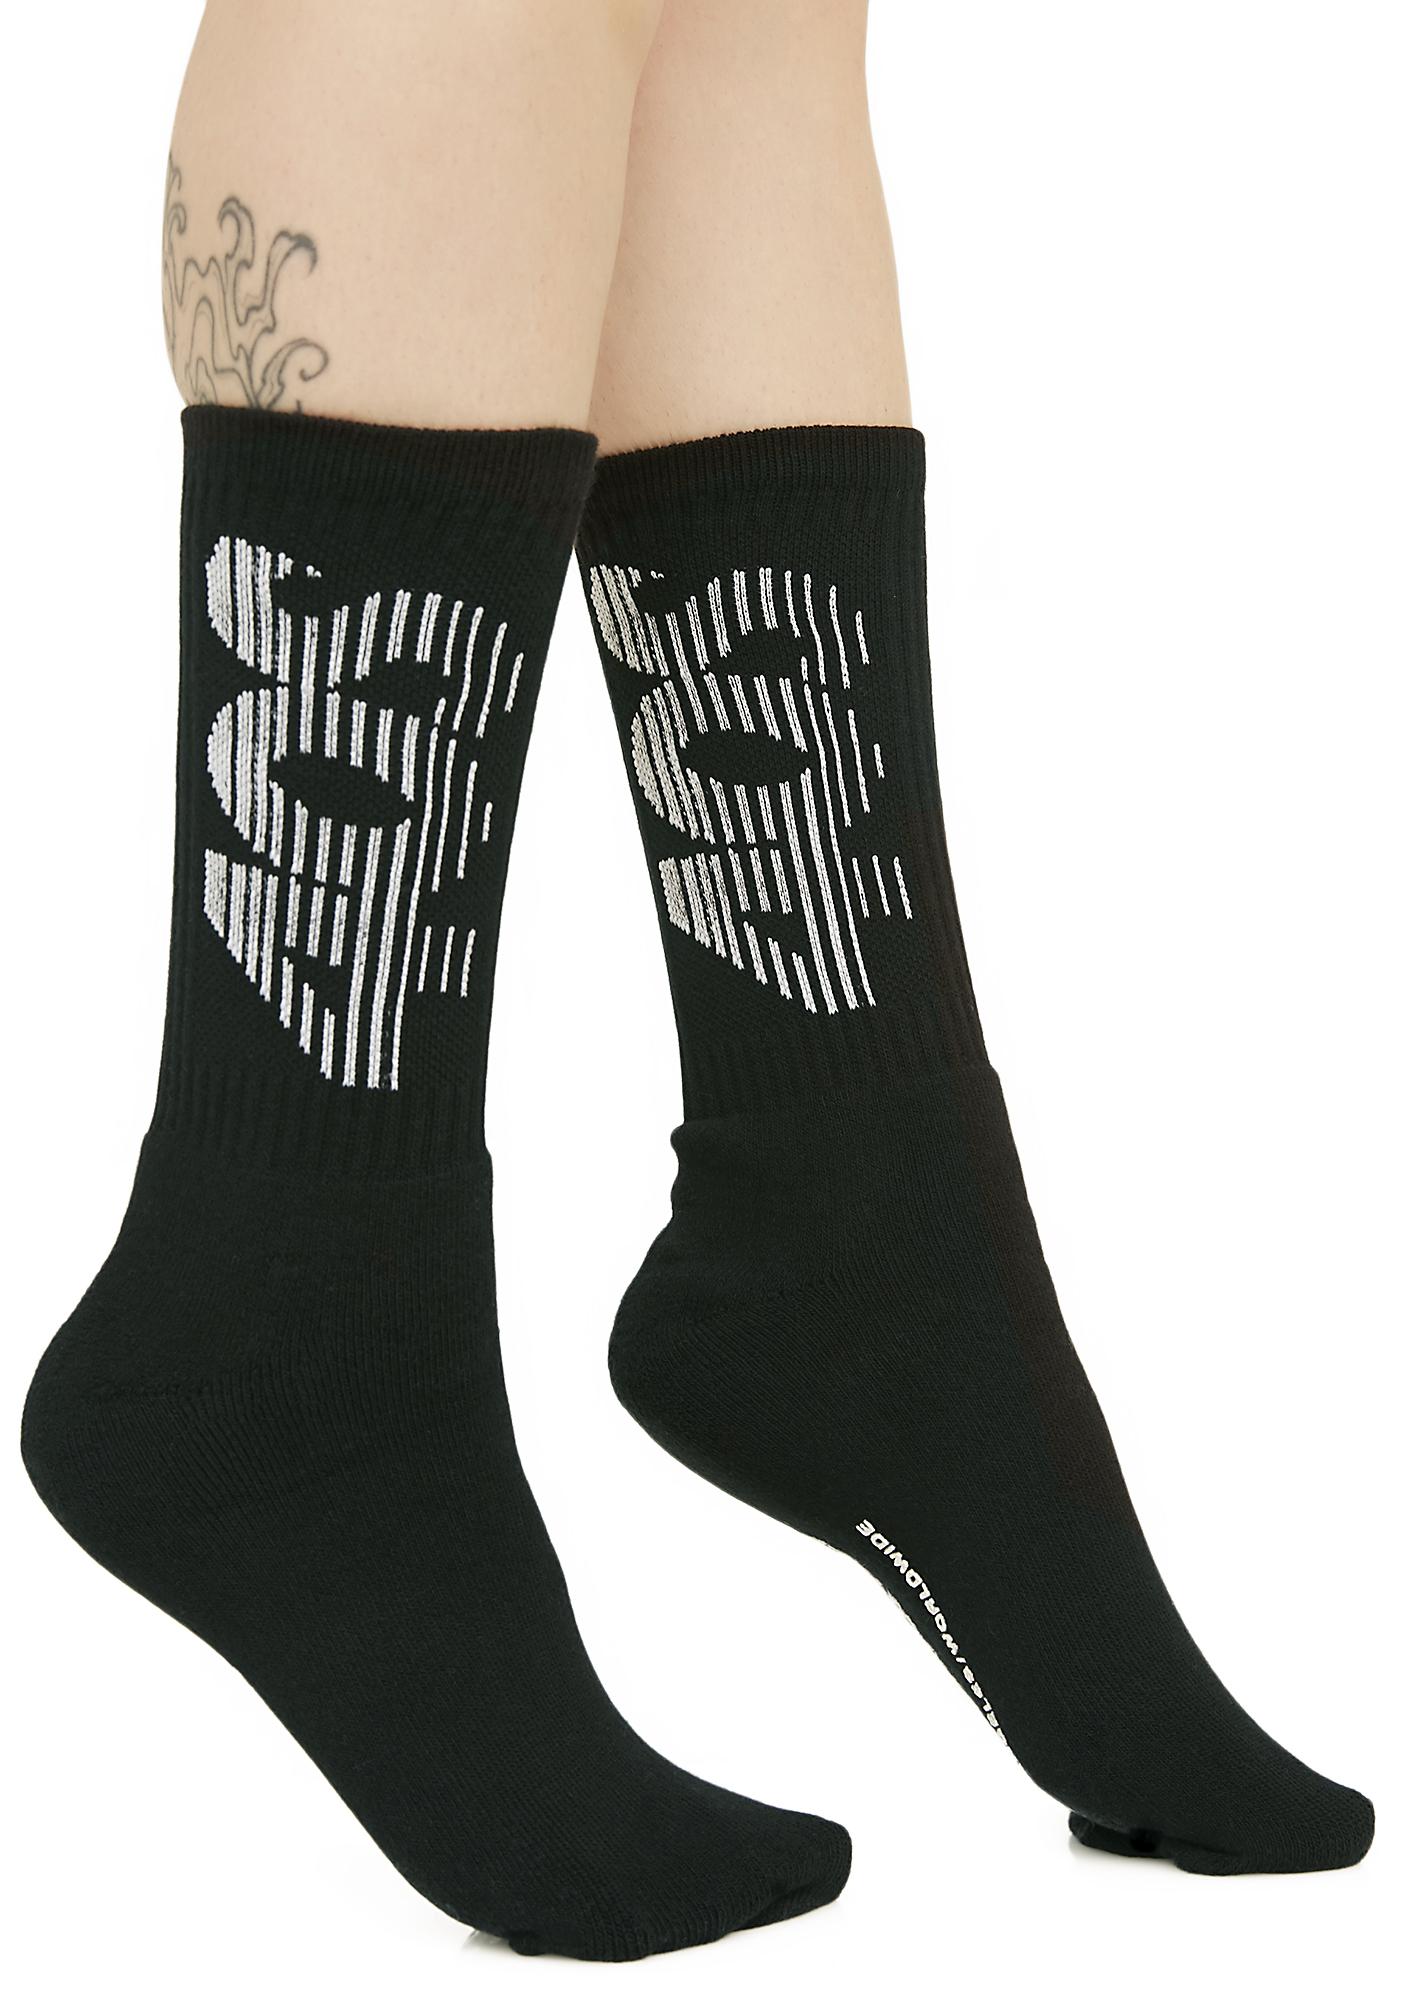 40s & Shorties 40s Sport Socks